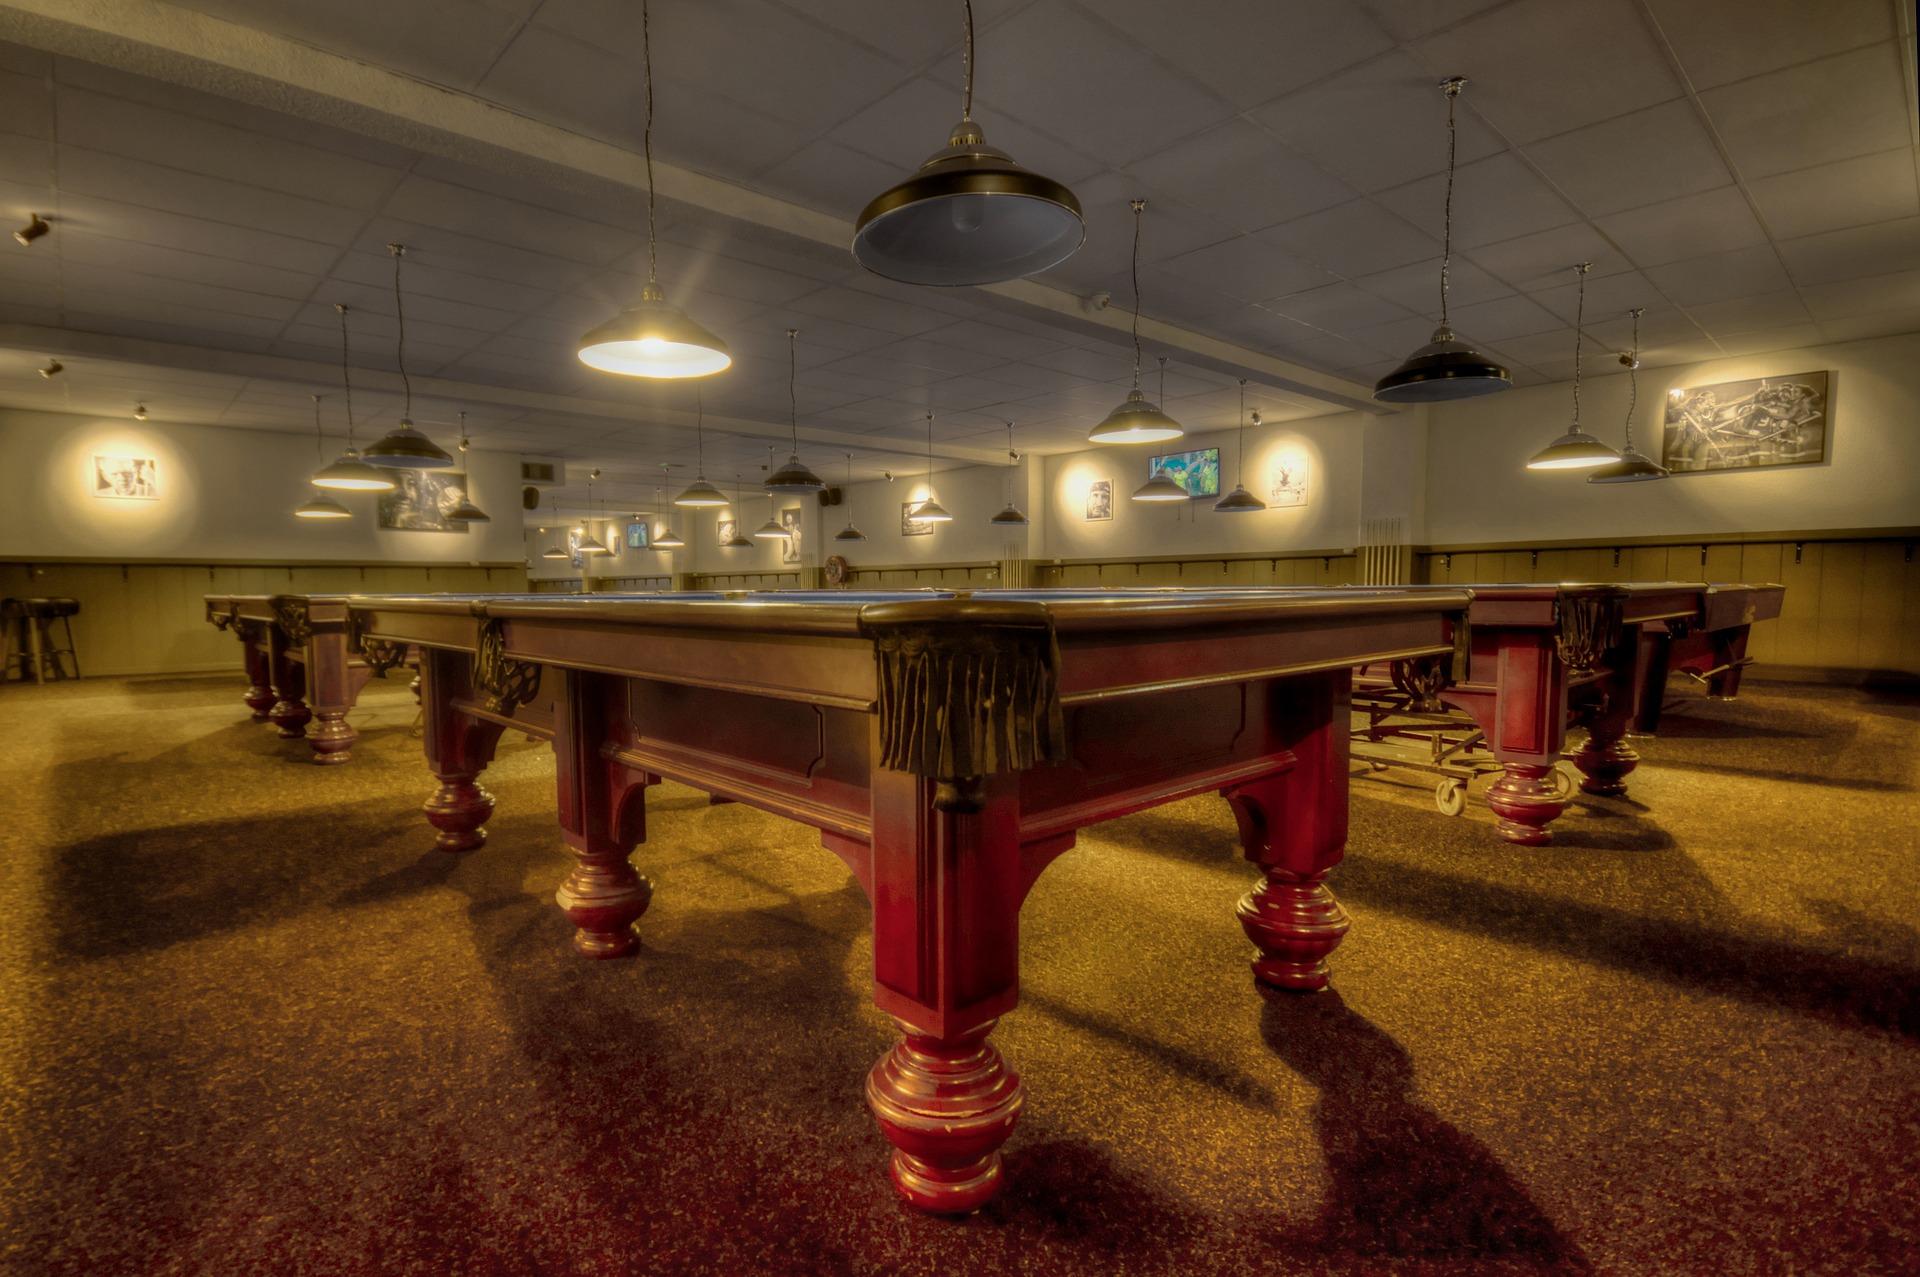 Snooker spielen - die Freizeitbeschäftigung der Gentlemen von heute?